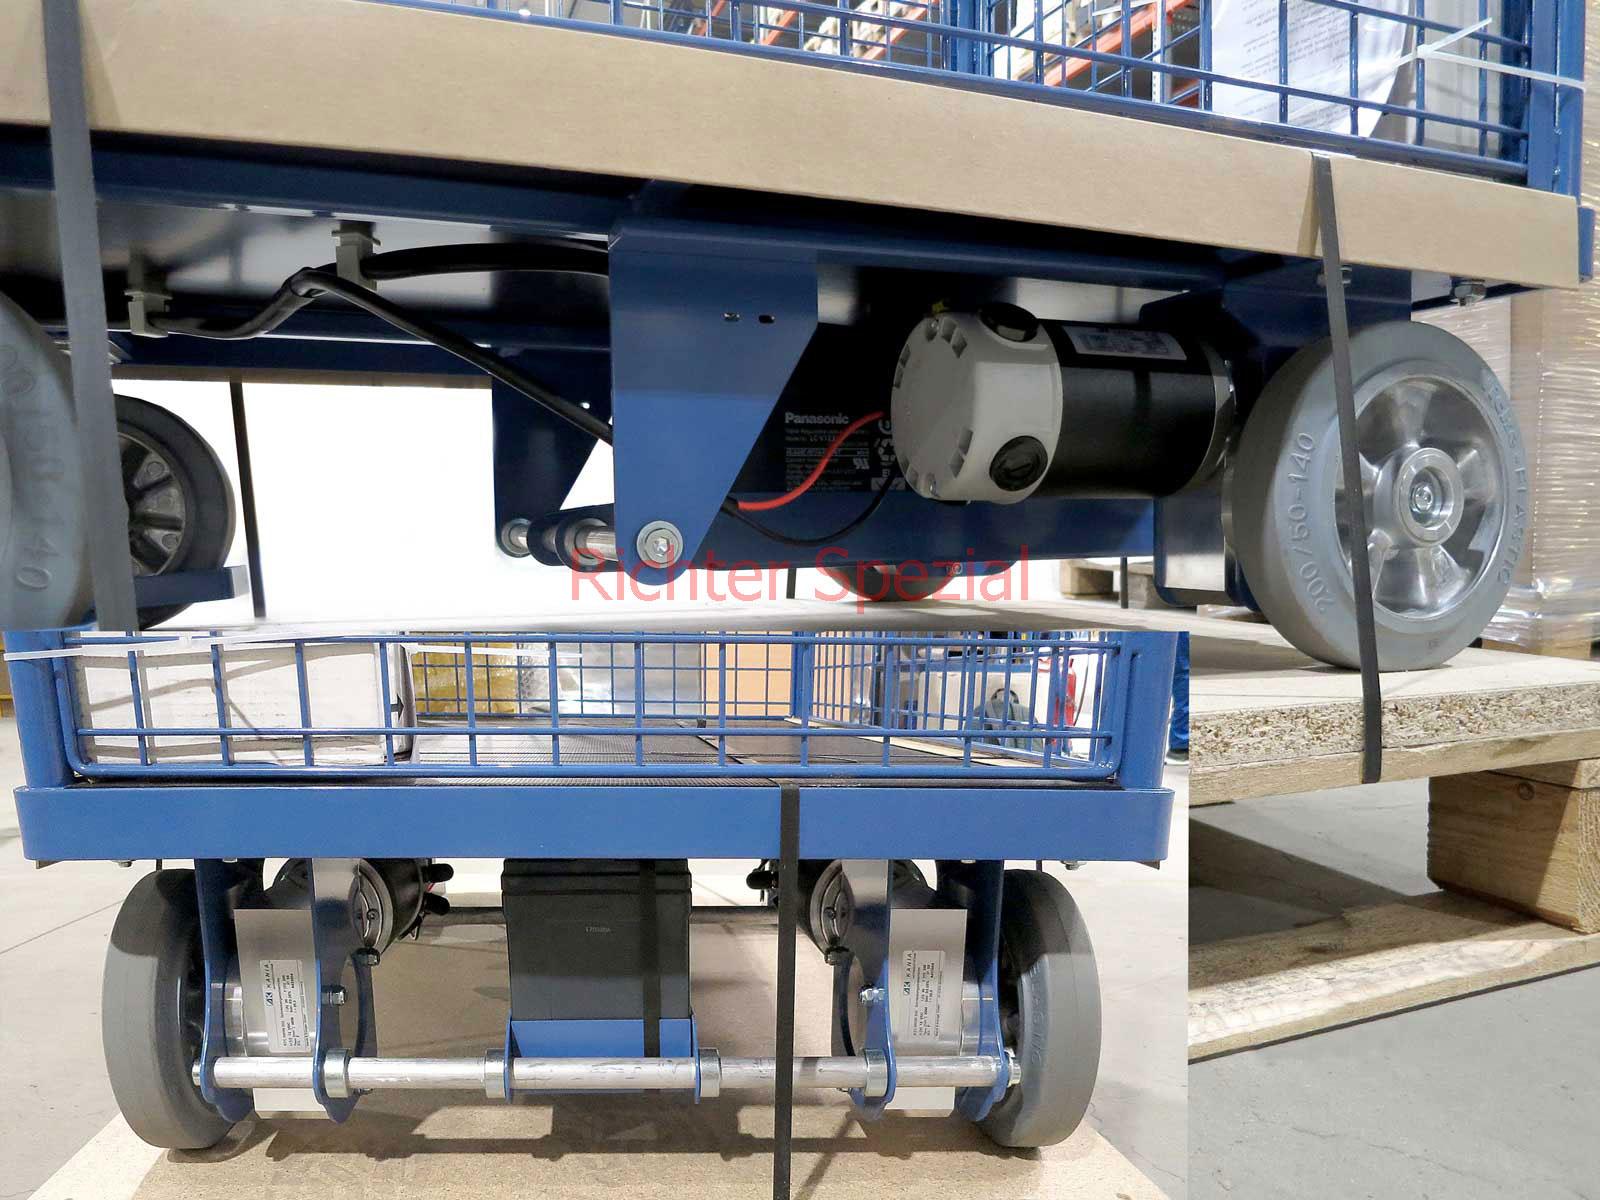 Vierwand-Gitterwagen mit Elektromotor (Maschung 50x50mm), Einsatz in der Industrie mit reduzierter Fahrgeschwindigkeit